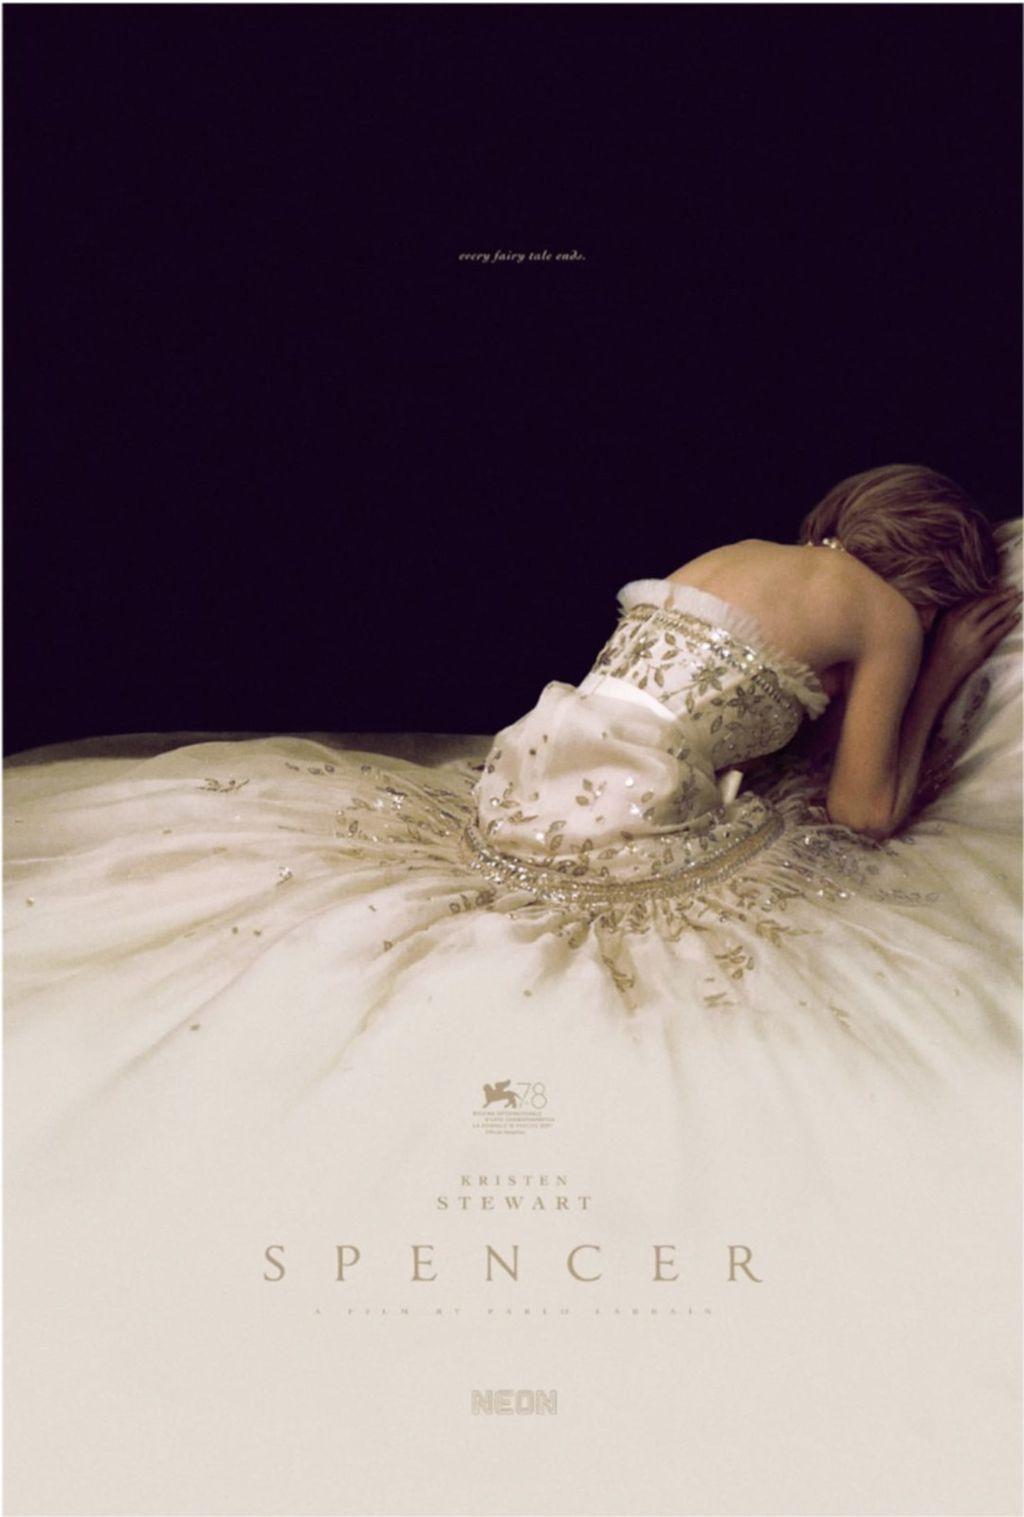 Modna kuća Chanel izradila je kopiju haljine princeze Diane koju Kristen Stewart nosi u filmu Spencer - 1